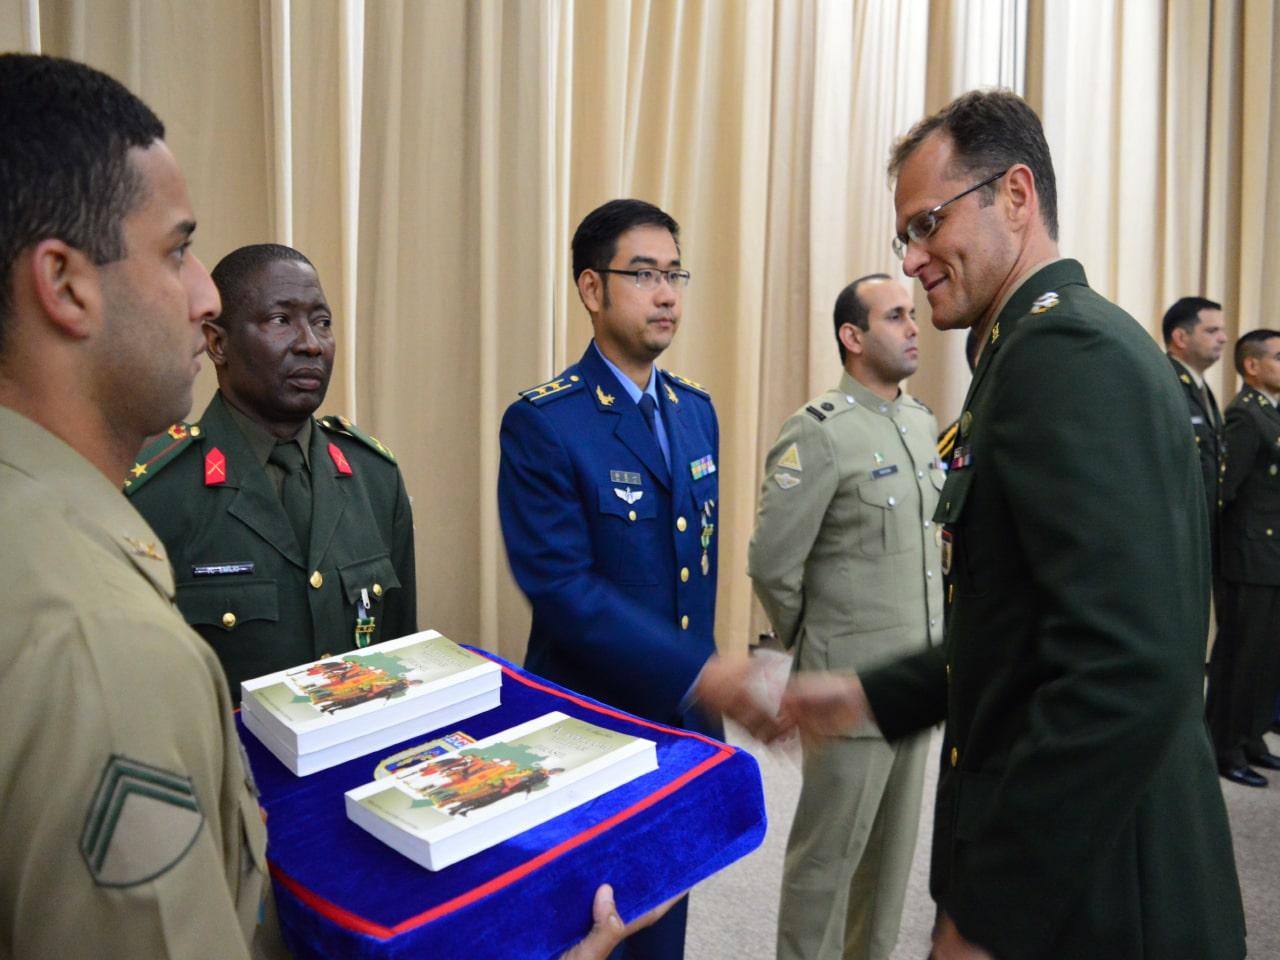 Biblioteca do Exército premia alunos que se destacaram em cursos promovidos por organizações militares e civis